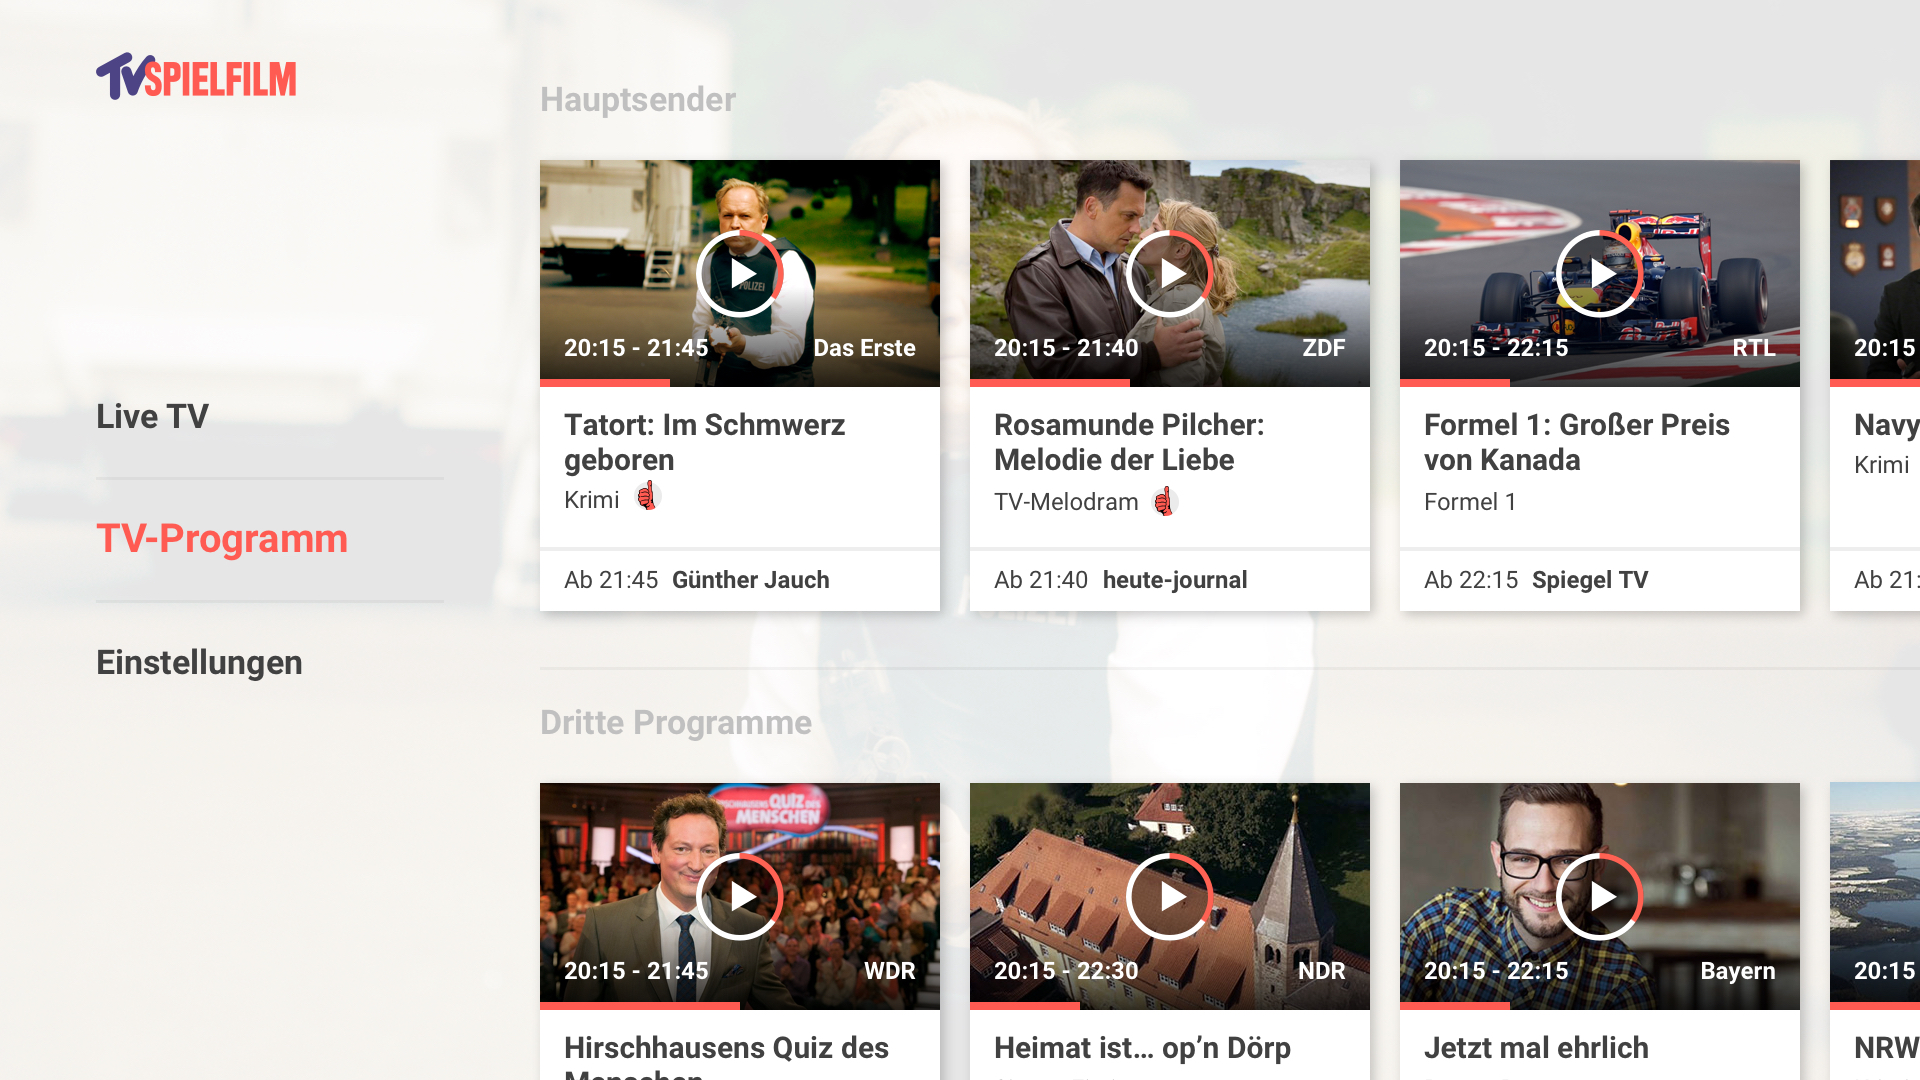 tv spielfilm tv programm mit live tv apps. Black Bedroom Furniture Sets. Home Design Ideas